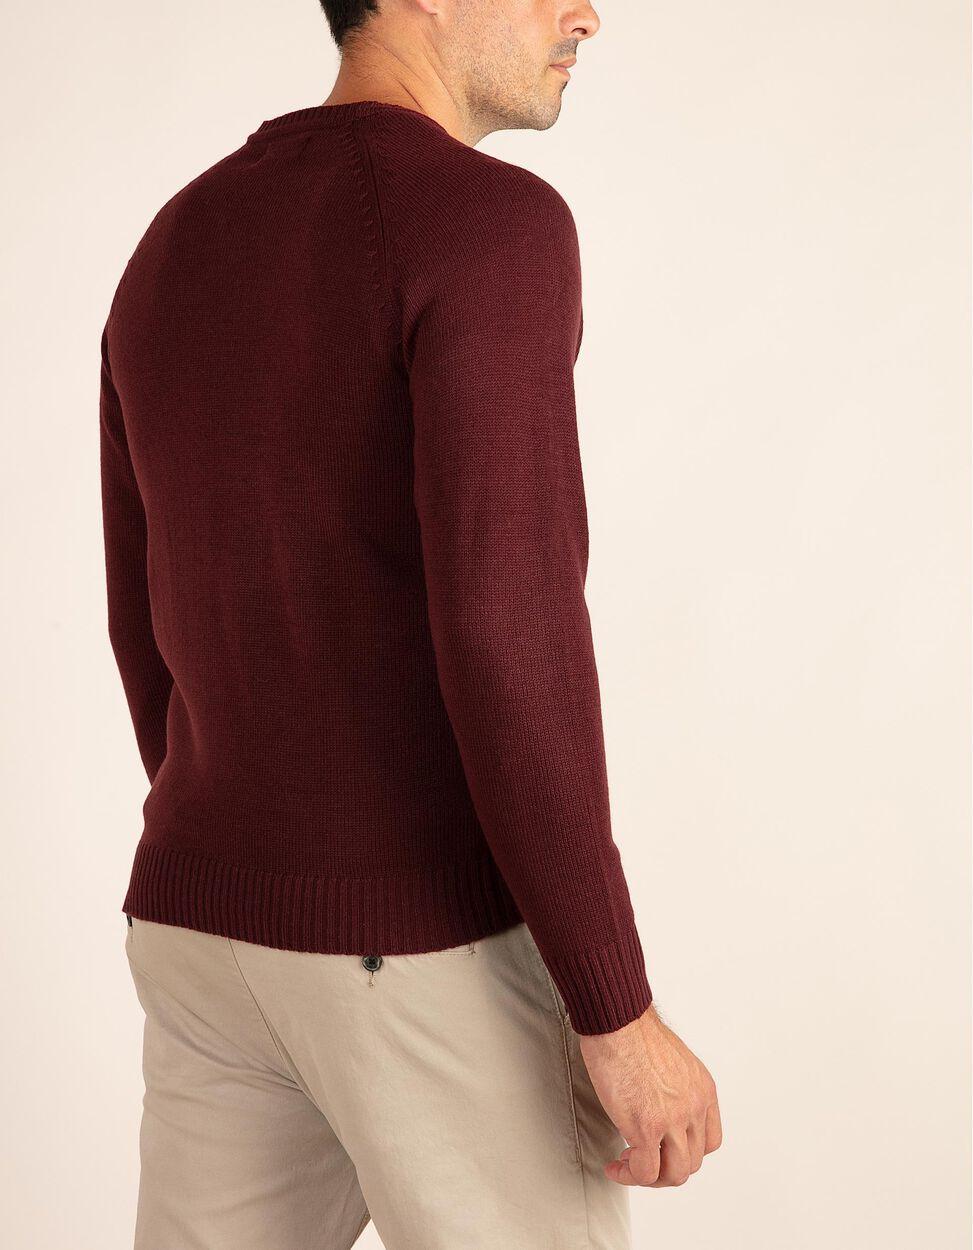 Camisola de malha lisa com decote em V da gama Essentials